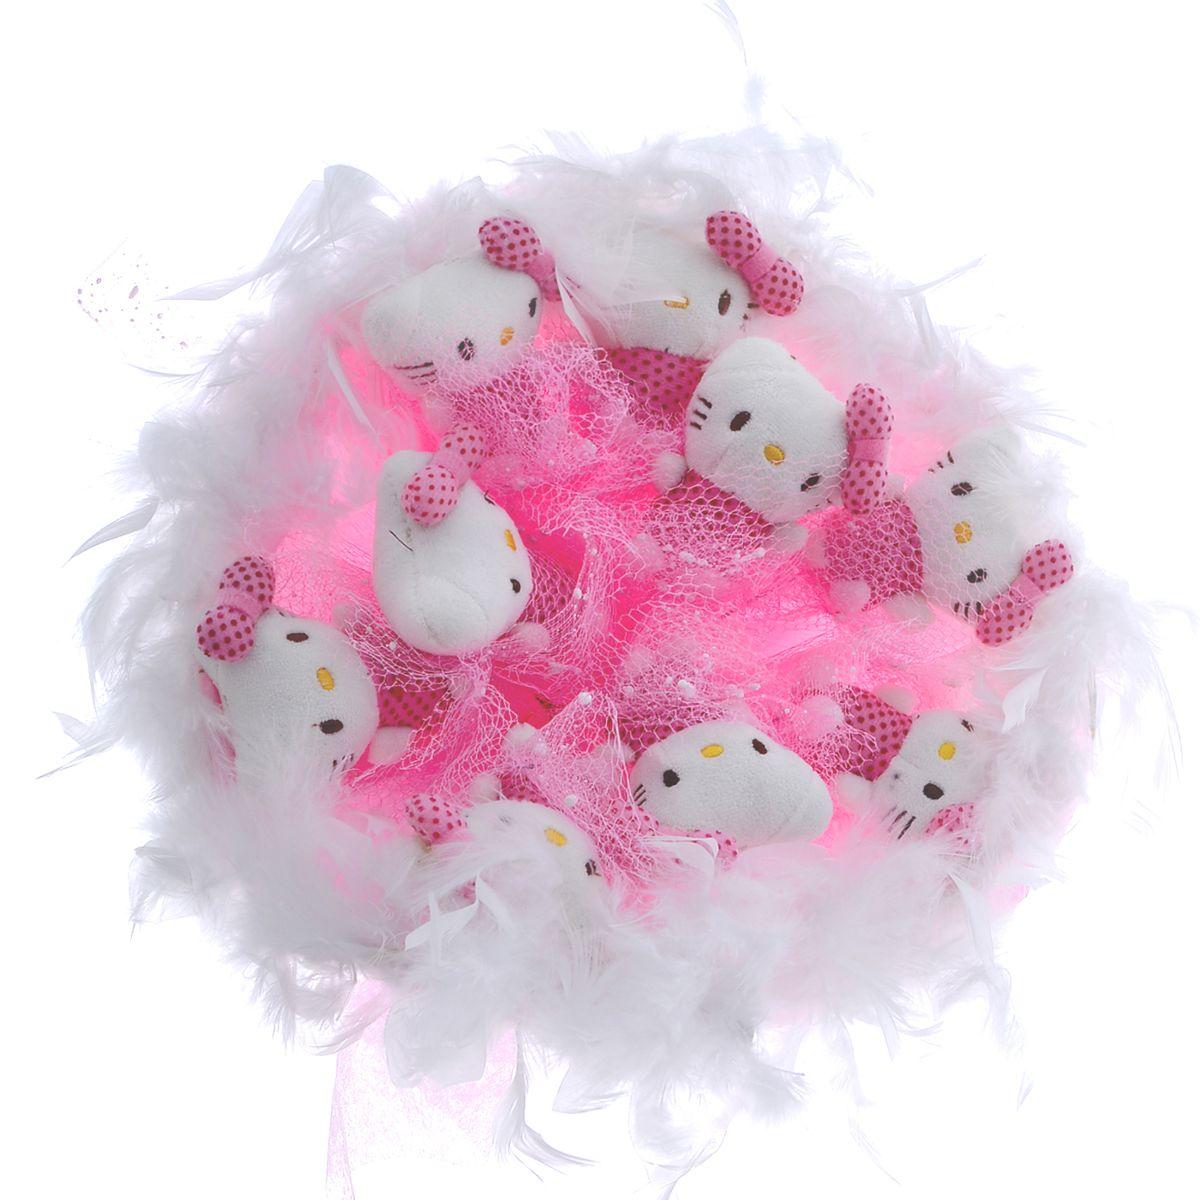 Букет из игрушек Toy Bouquet Котята, цвет: розовый, 9 игрушекC002-9-41Букет из 9 мягких милых Кити, упакован в мягкую струящуюся органзу розового цвета с добавлением флористической сетки, декорирован великолепным пышным боа по краю букета и перевязан широкой атласной лентой с добавлением серебристой парчовой тесьмы Мягкие игрушки, оформленные в букет – приятный подарок для любимой, для мамы, подруги или для ребенка. Оригинальные букеты торговой марки TOY BOUQUET из мягких игрушек прекрасно подойдут для многих праздников: День Святого Валентина, 8 марта, день рождения, выпускной, а также на другие памятные даты или годовщины.